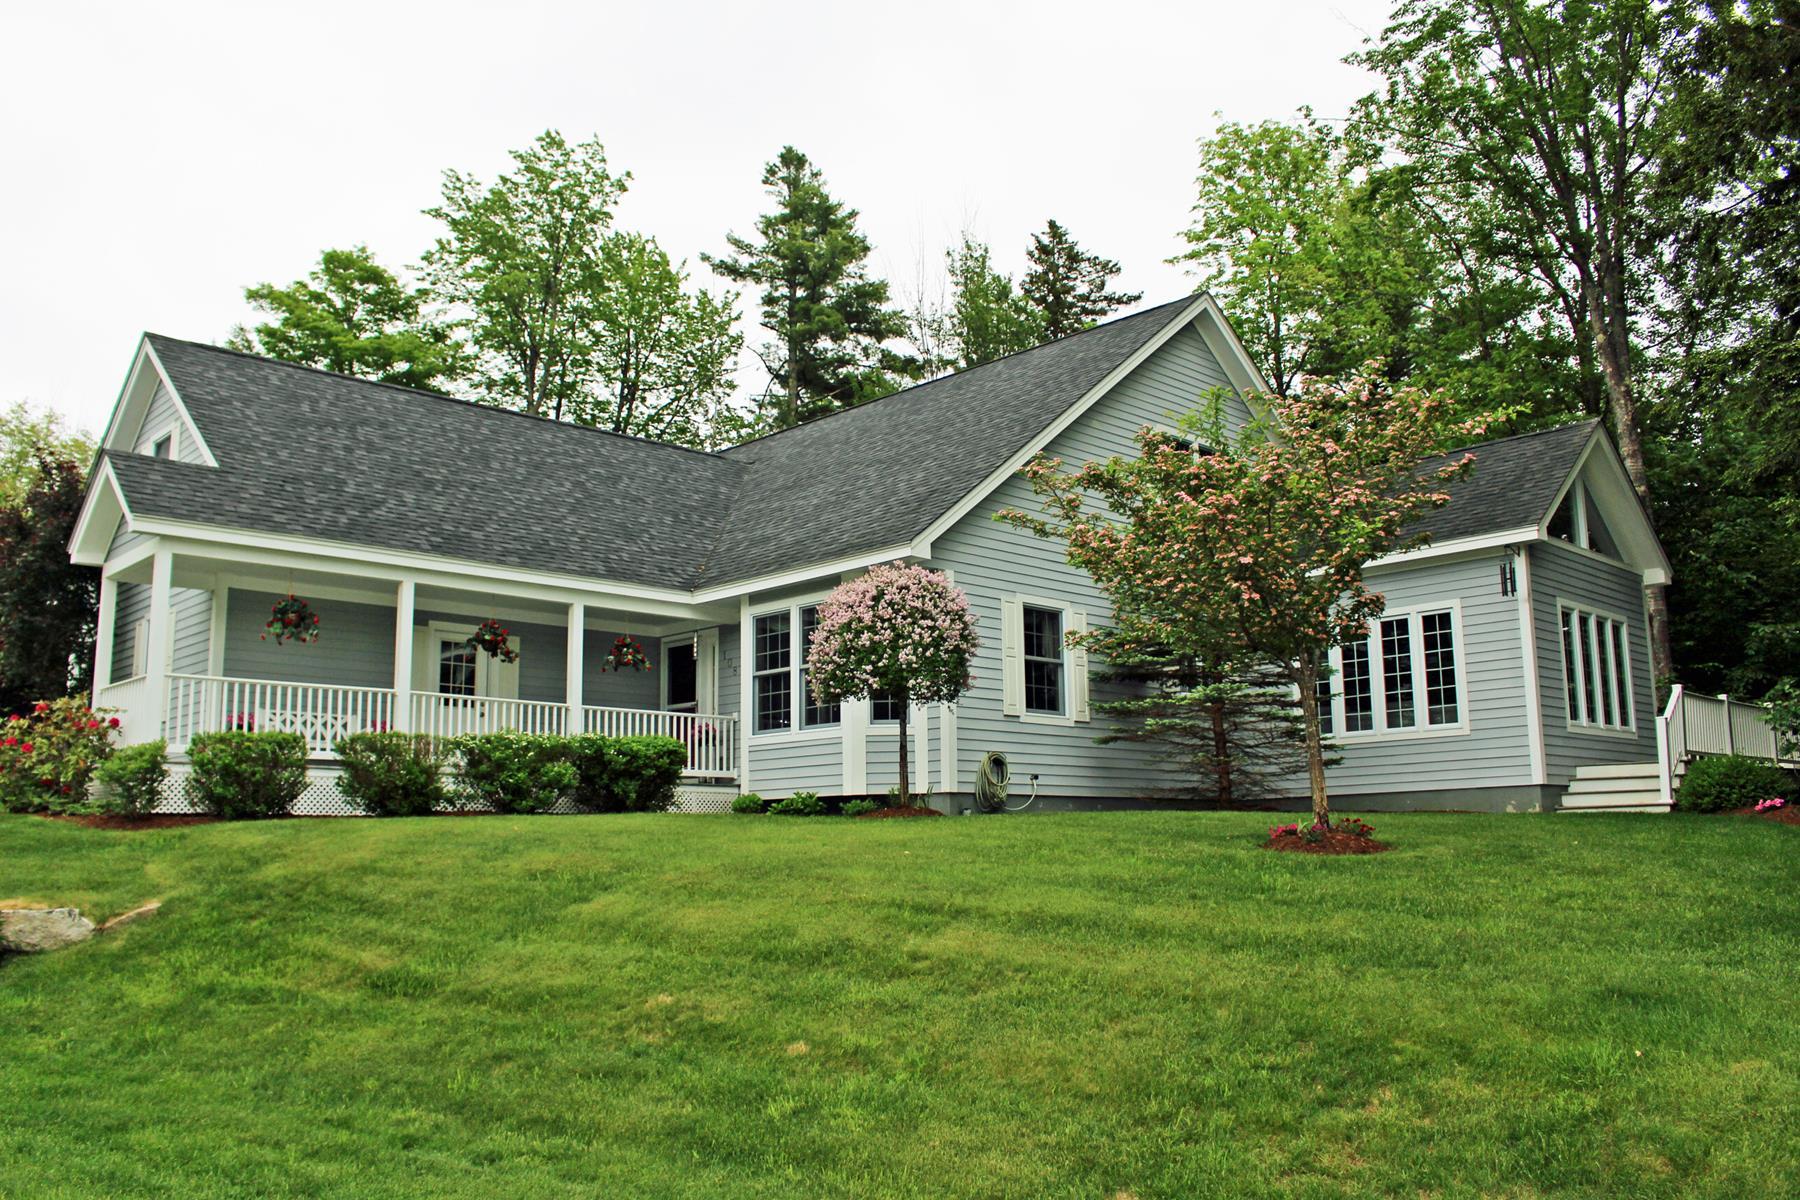 Maison unifamiliale pour l Vente à 108 Spruce, New London 108 Spruce Ln New London, New Hampshire 03257 États-Unis